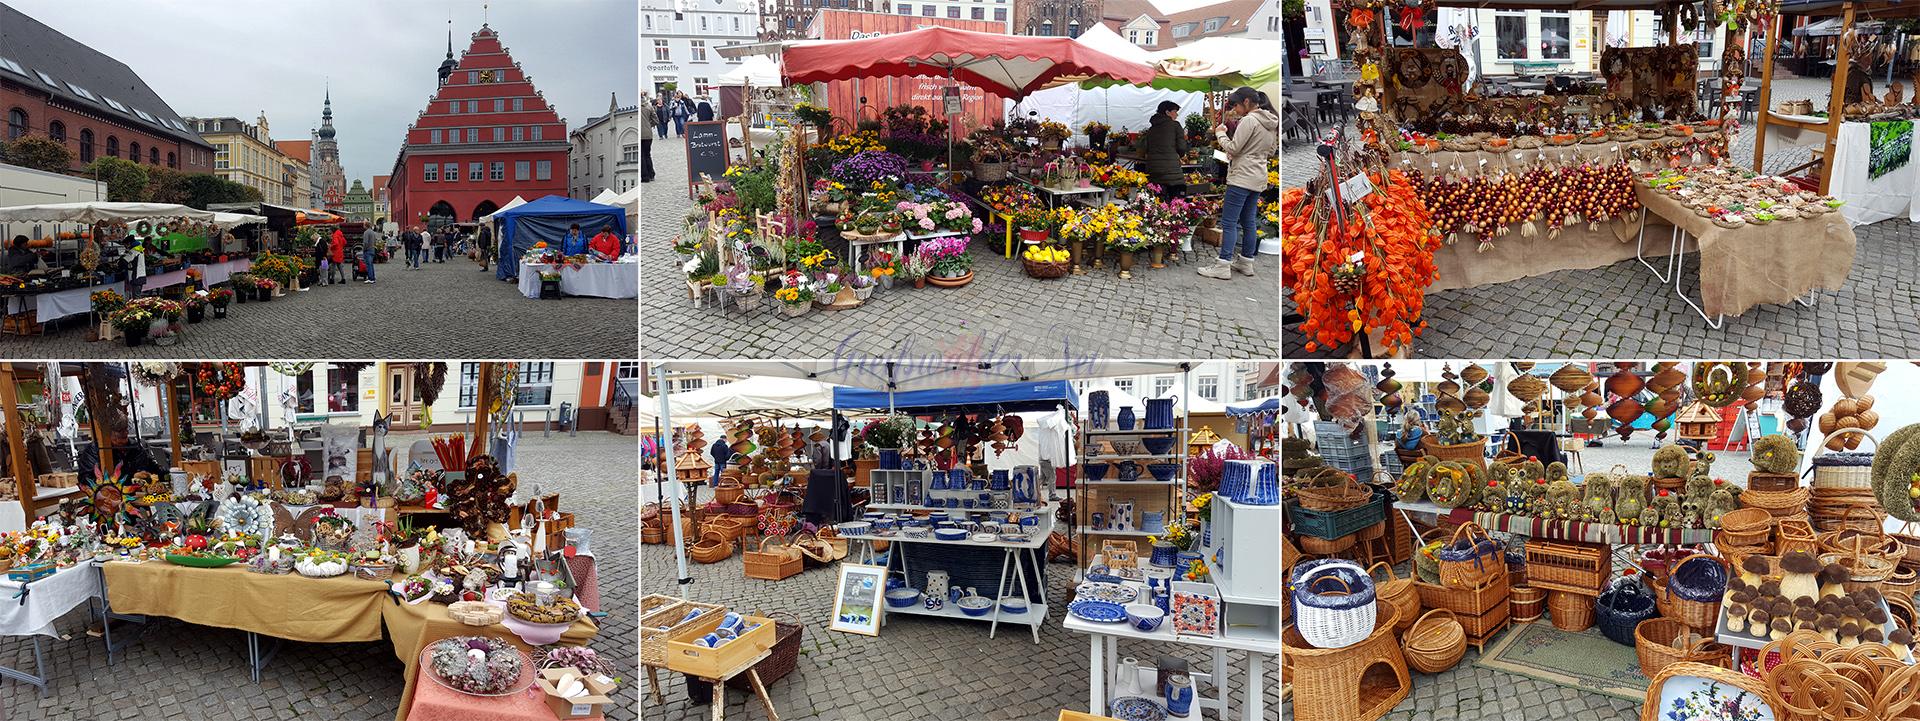 Erntedankmarkt 2017 in Greifswald